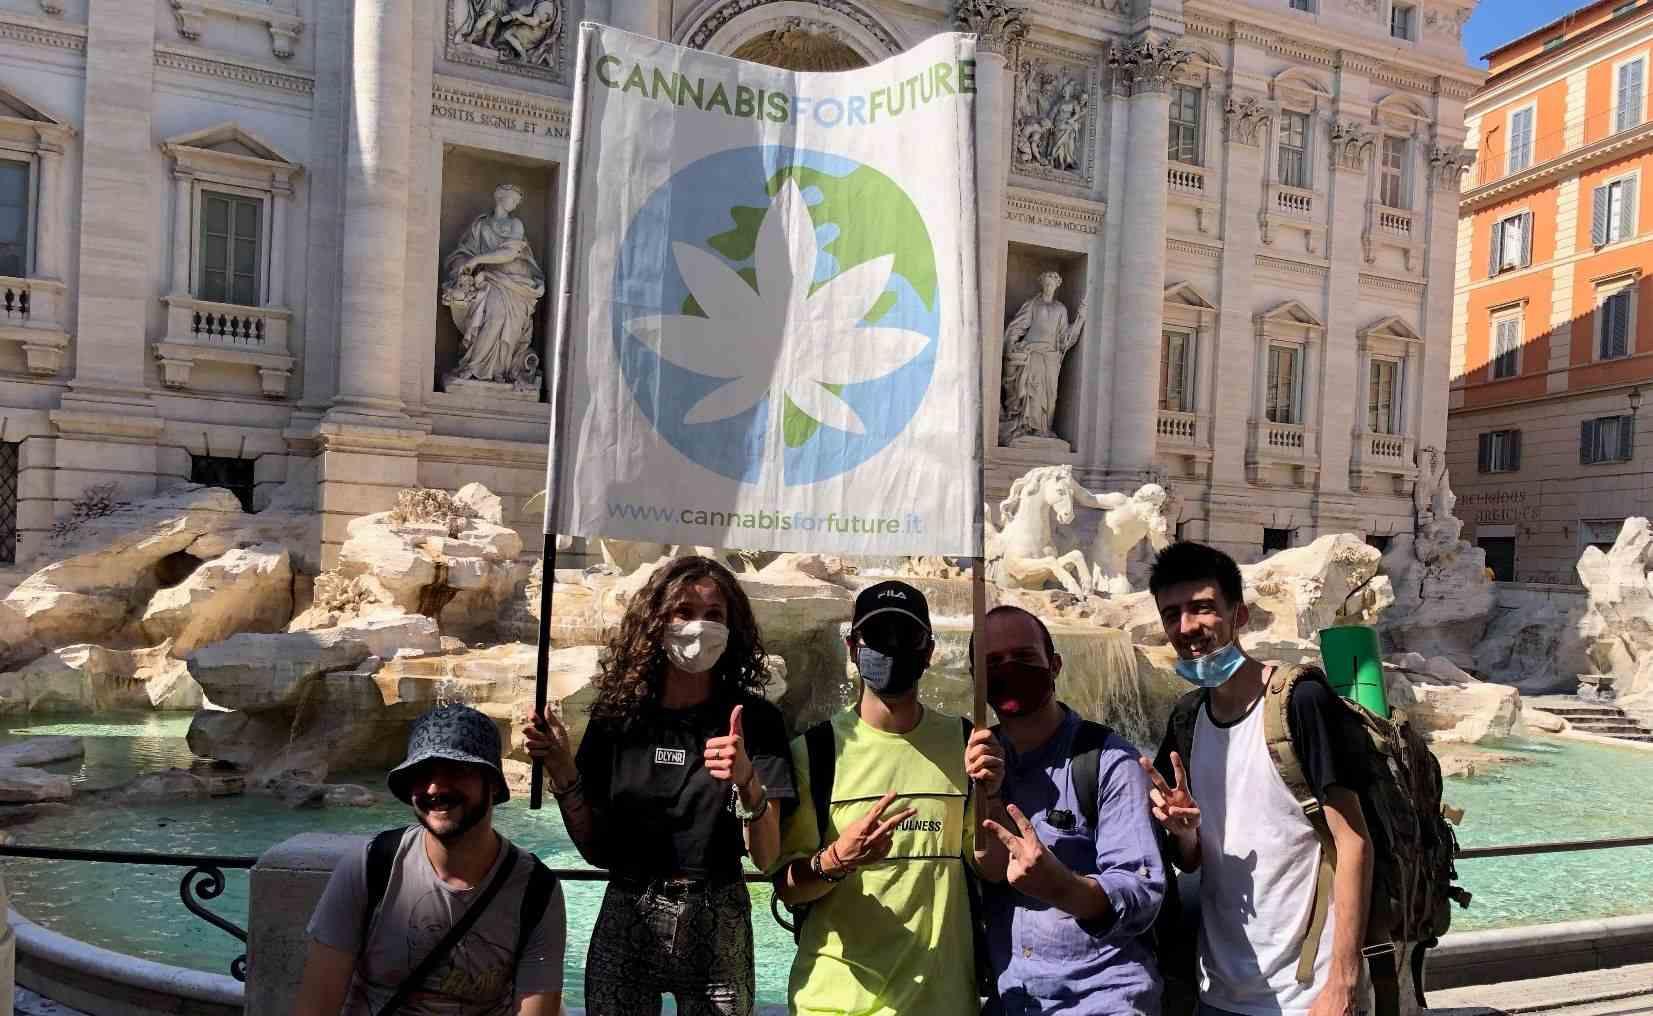 """Festa 420, """"Cannabis for Future"""": scendiamo in piazza per legalizzare la cannabis e favorire l'economia"""